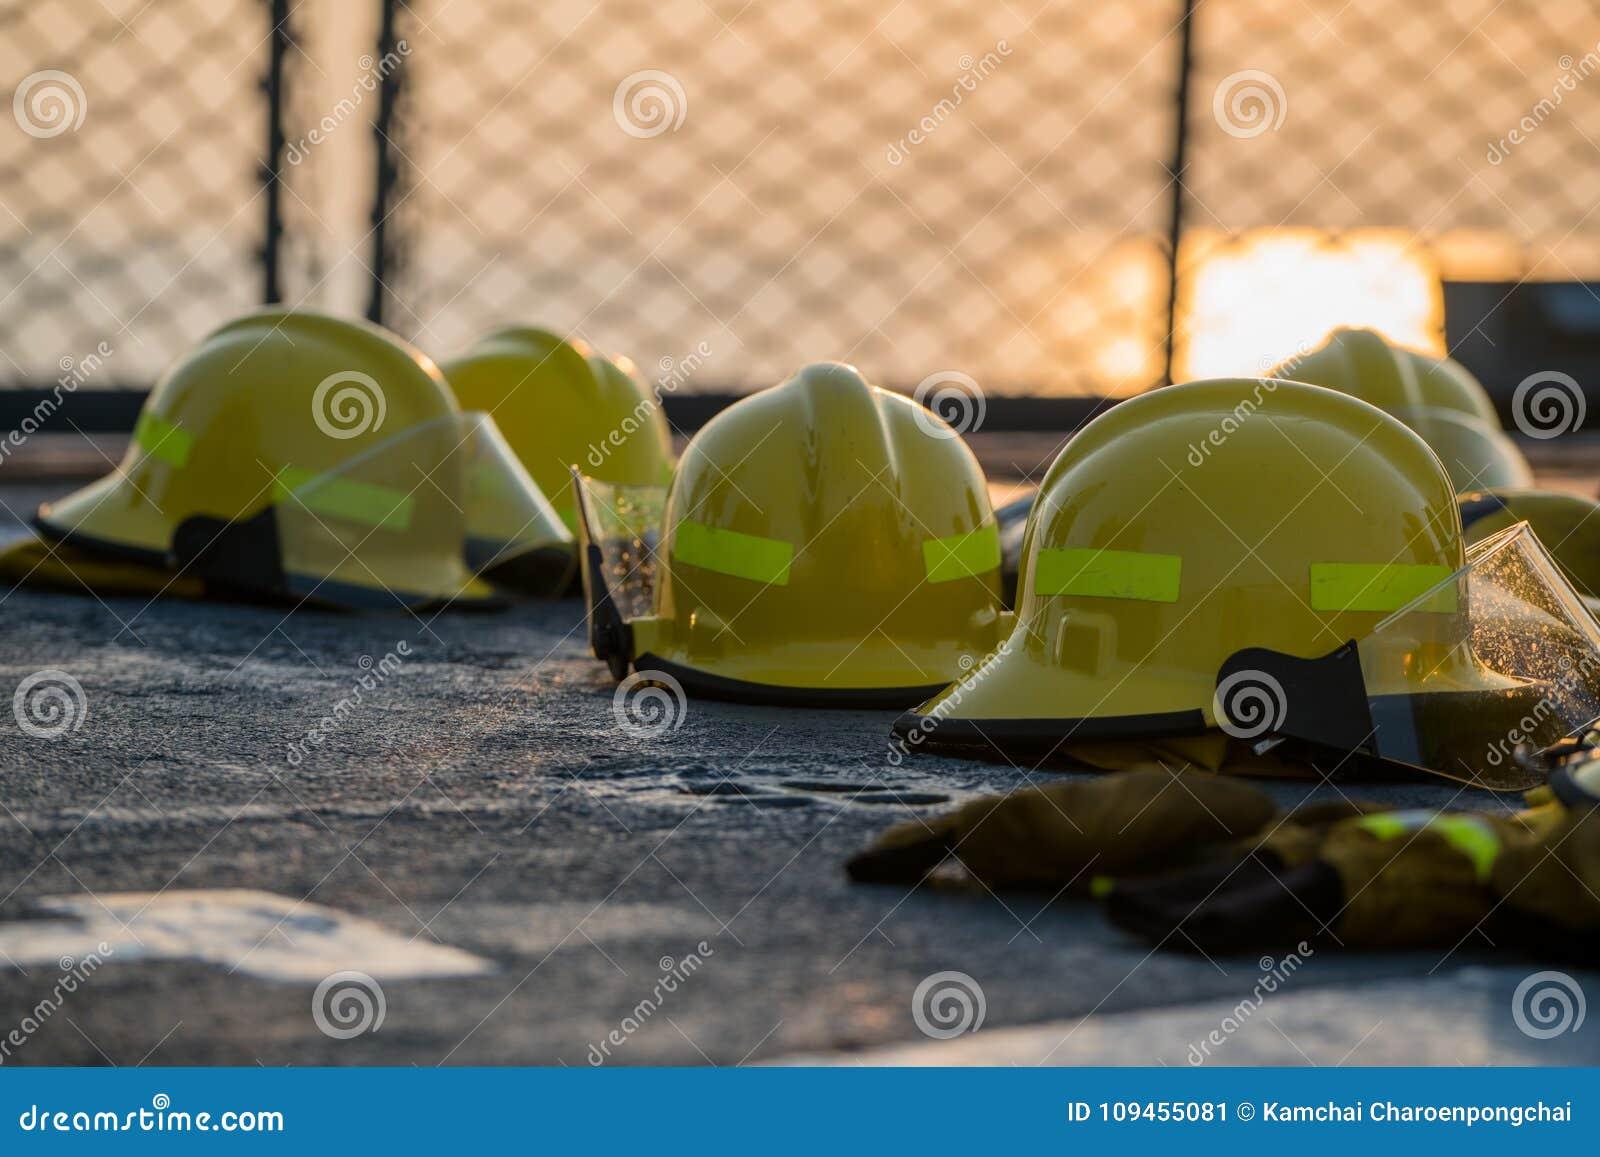 Hjälmar för brandstridighet torkar på däcket för marinskeppet efter bruk Säkerhetsnät har sett som en bakgrund orange himmel mell